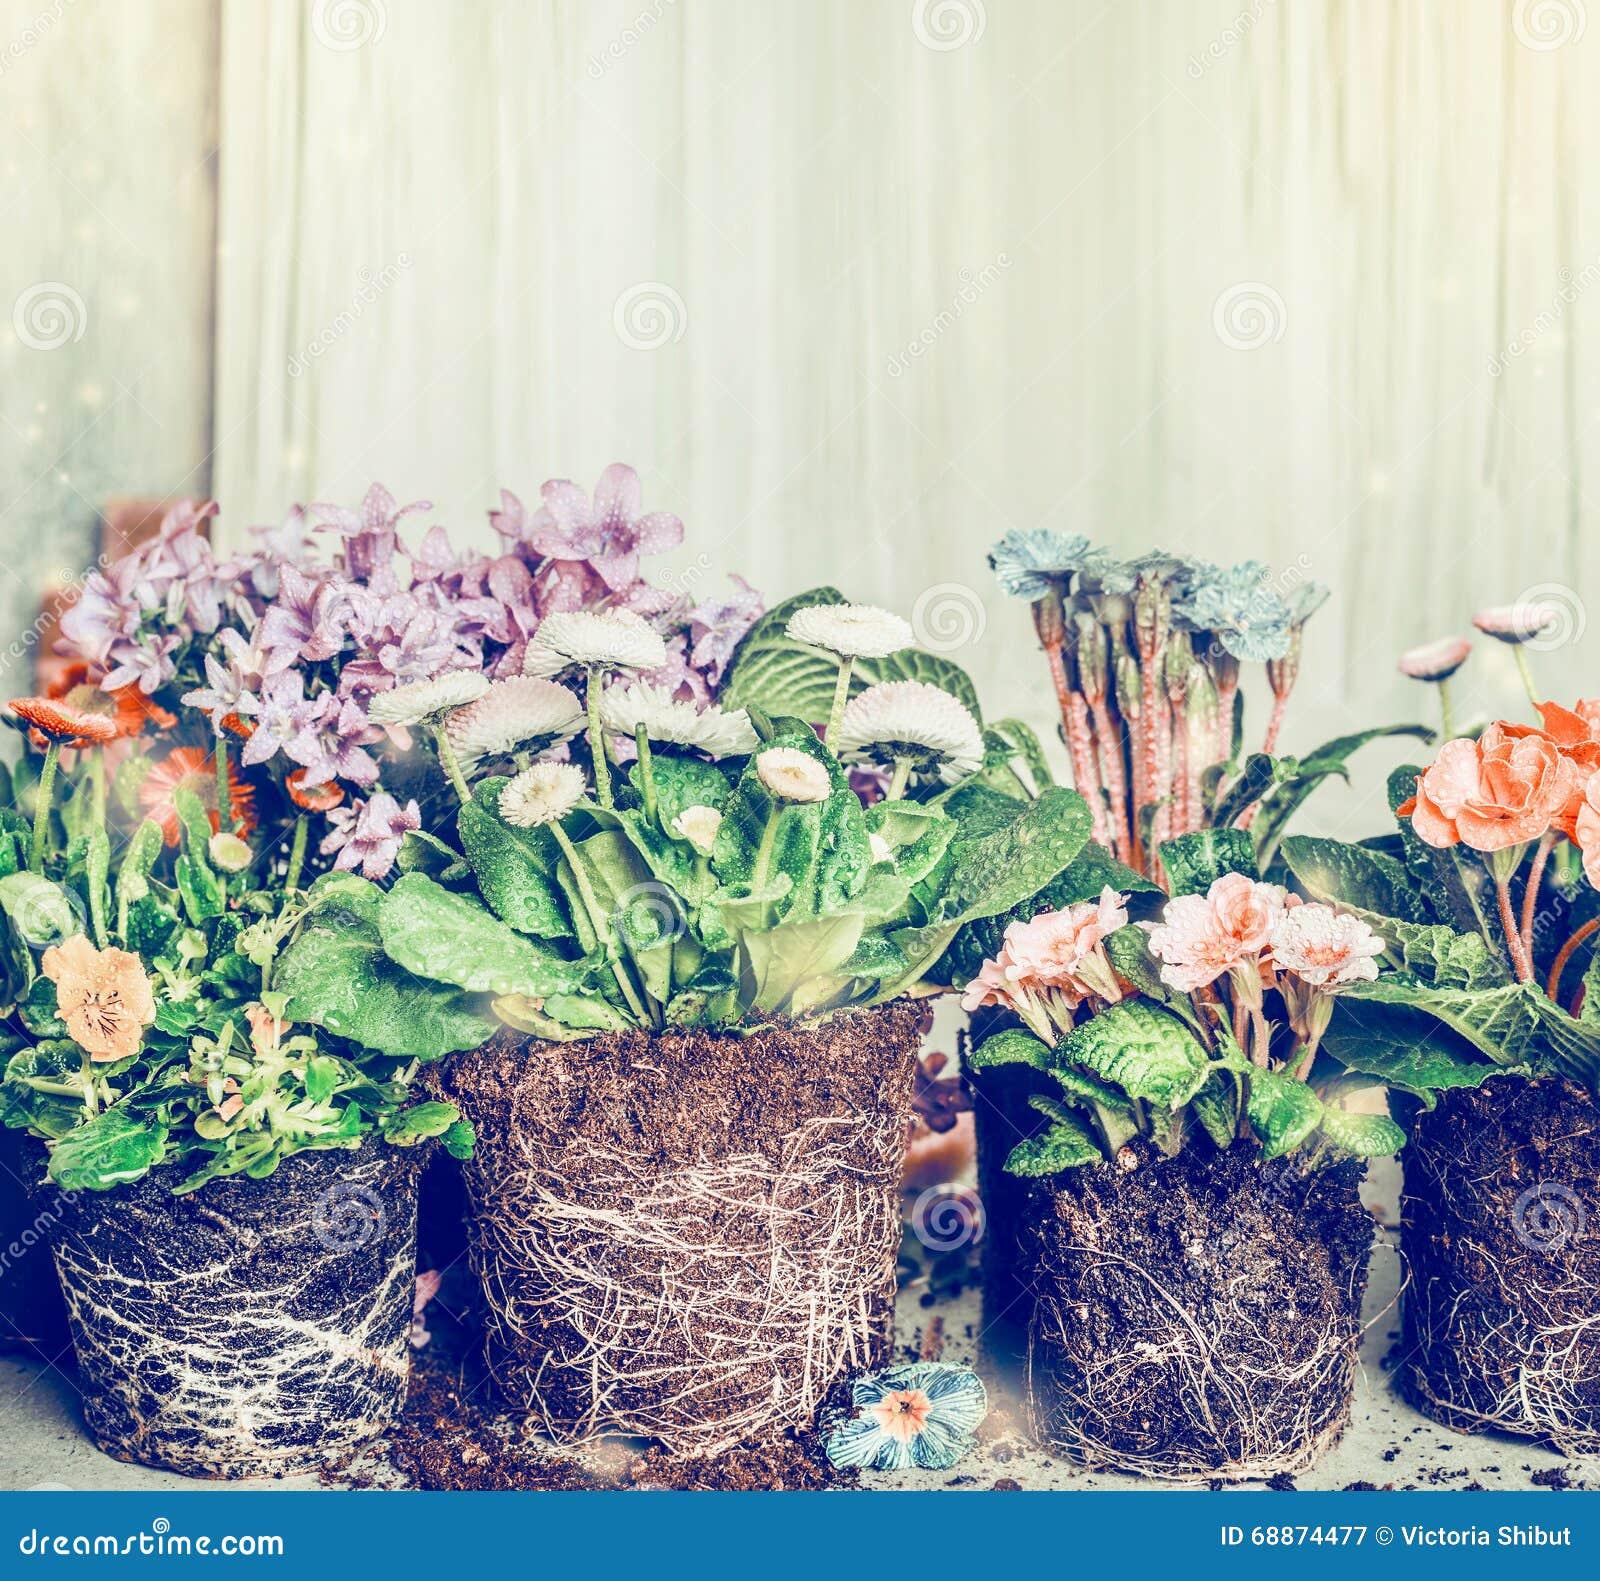 verschiedene blumen f r das pflanzen im garten oder in den t pfen stockbild bild von masse. Black Bedroom Furniture Sets. Home Design Ideas